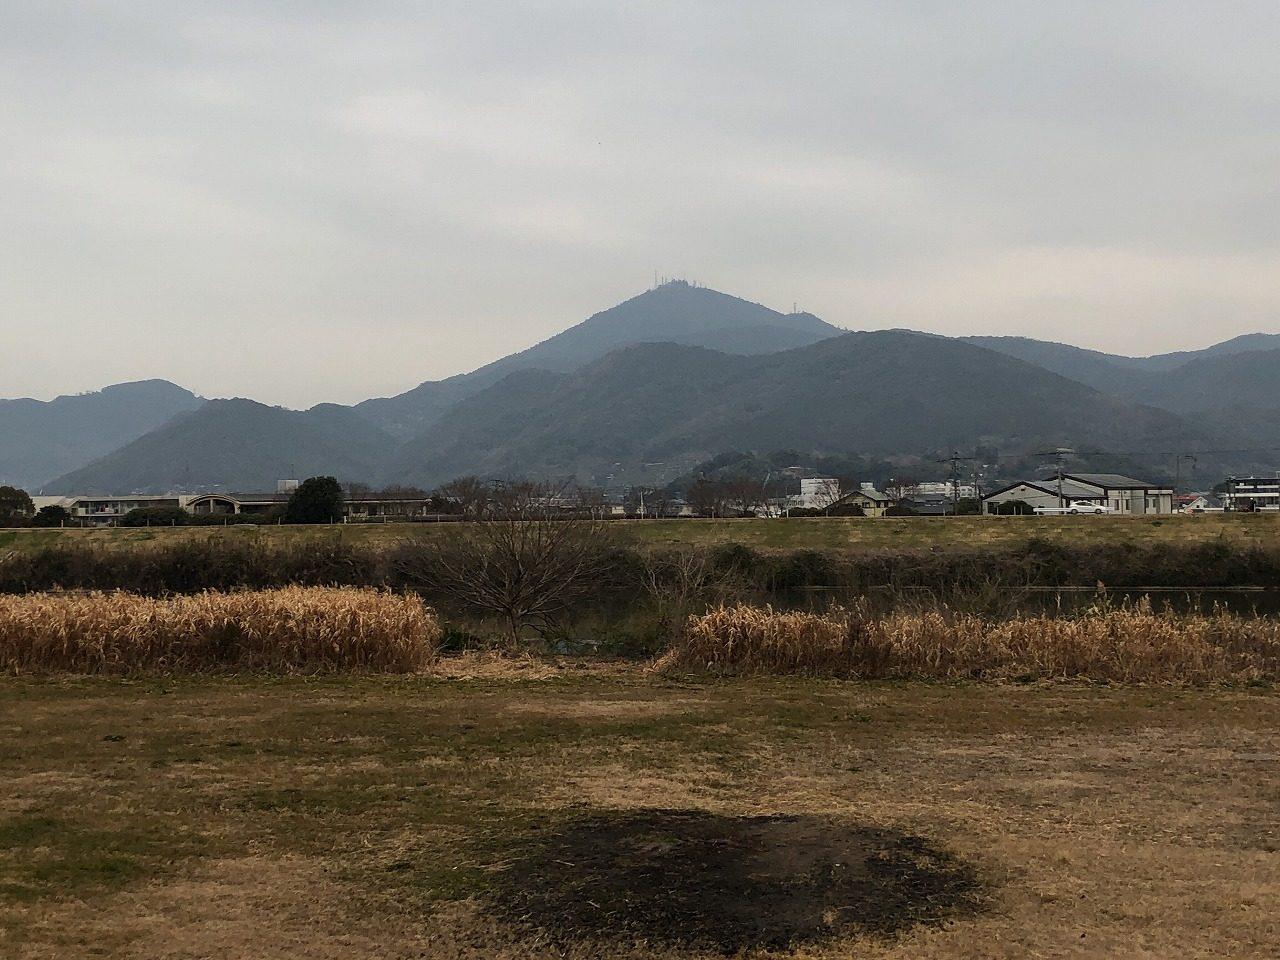 2019.1.30今朝の金峰山です。